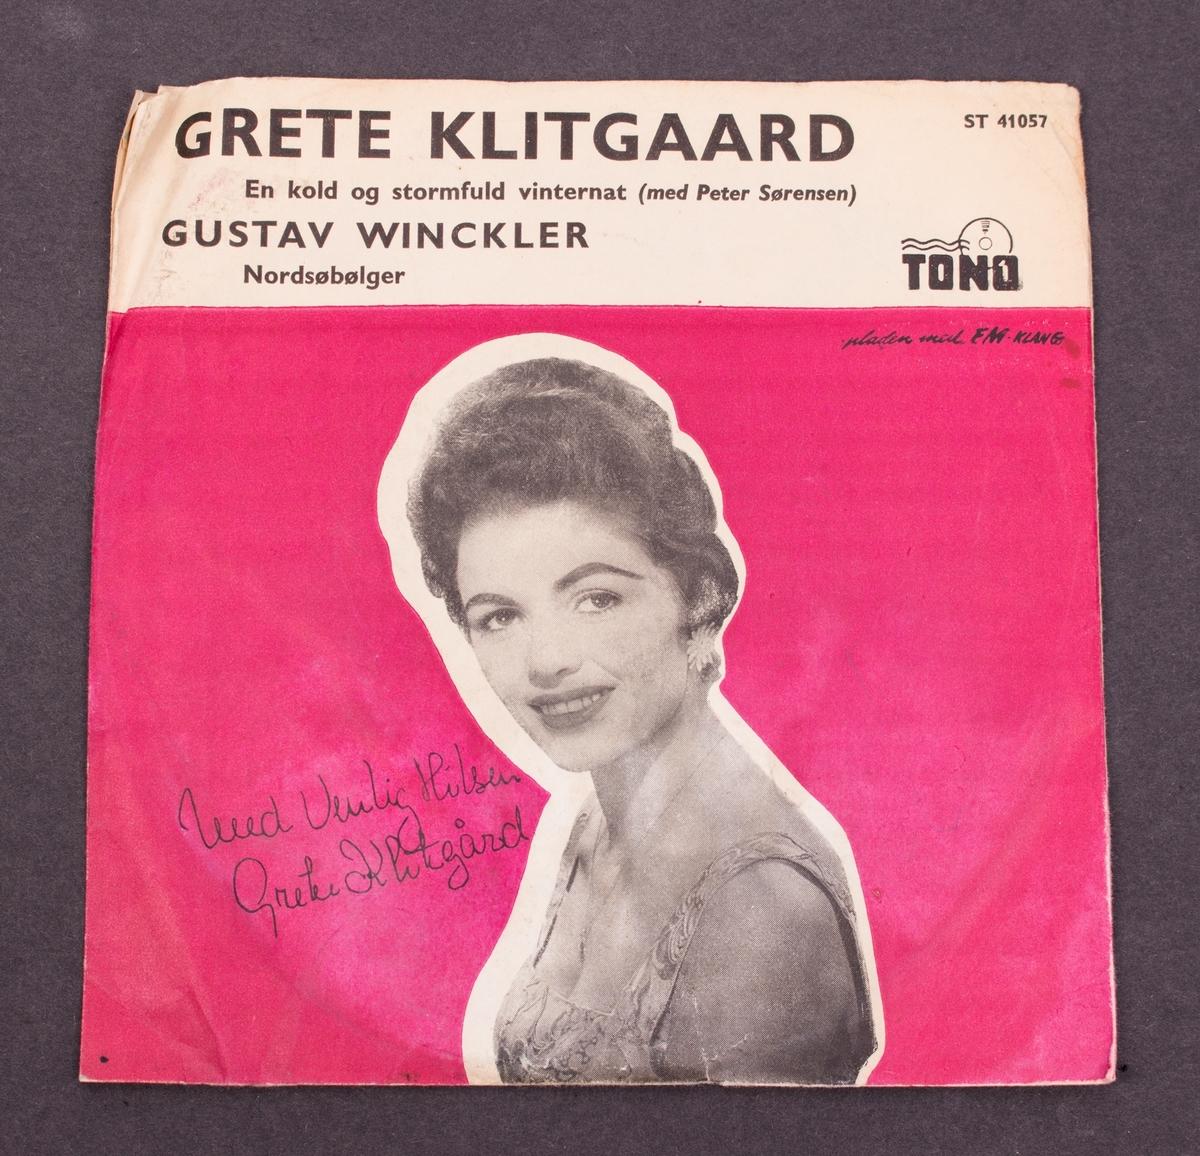 Fotografi på omslaget av Grete Klitgaard med signatur.